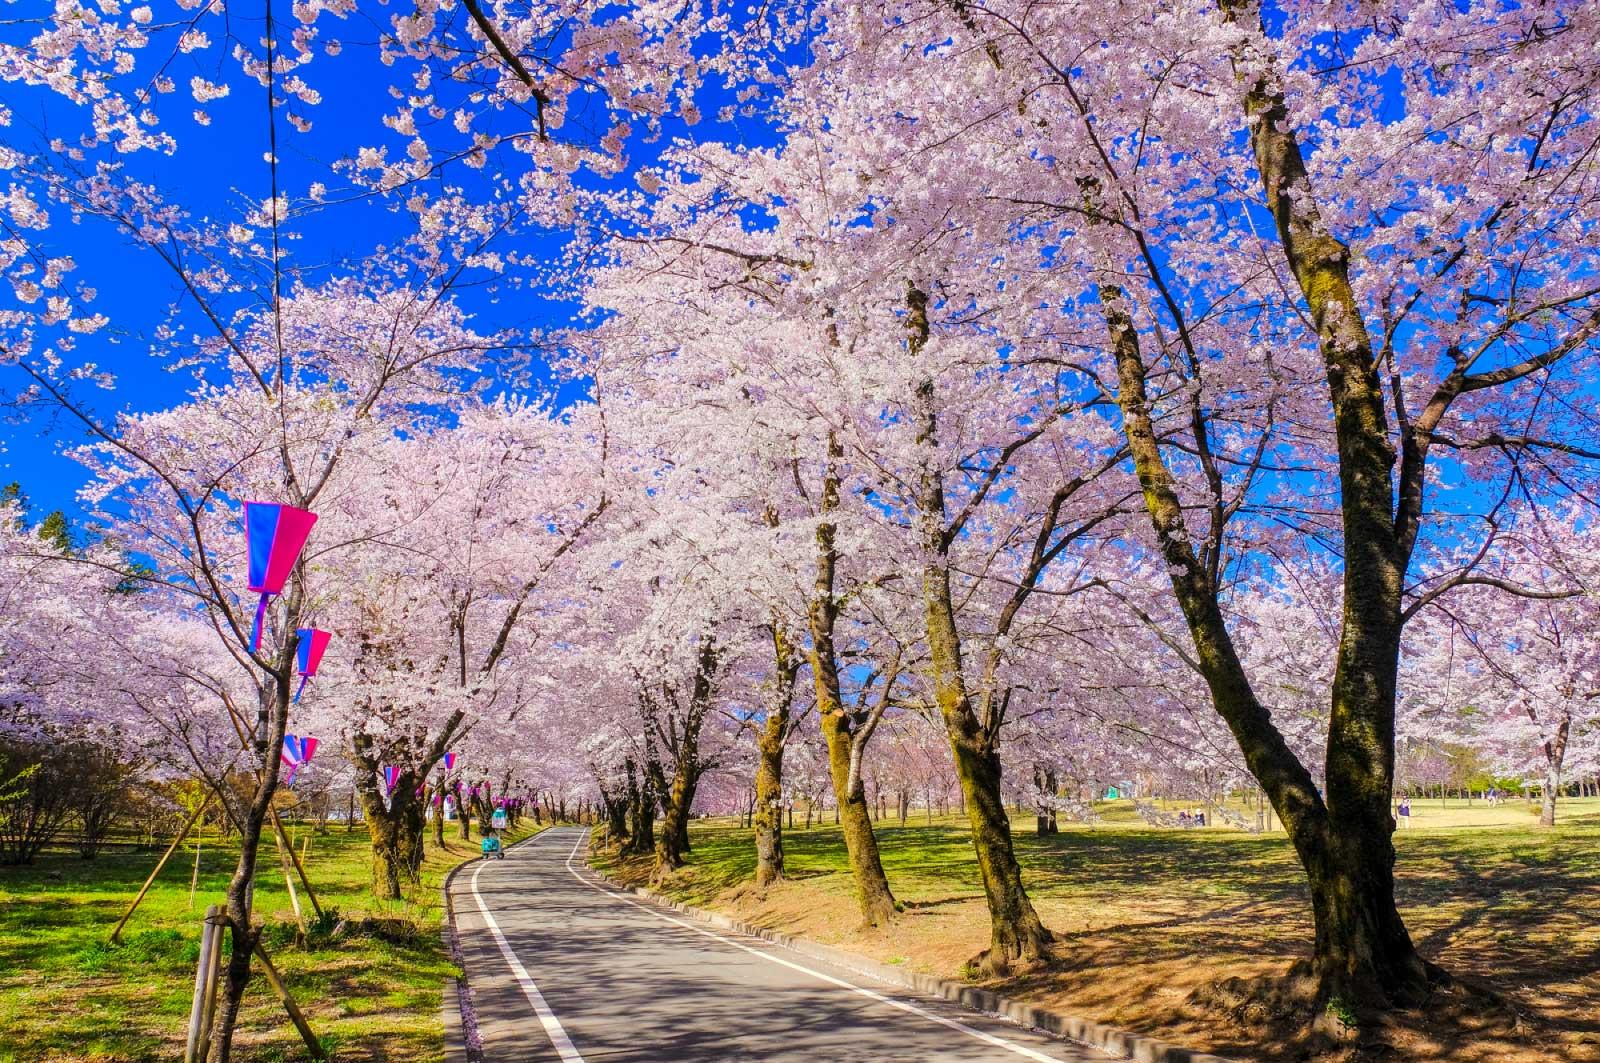 桜祭りも2週間